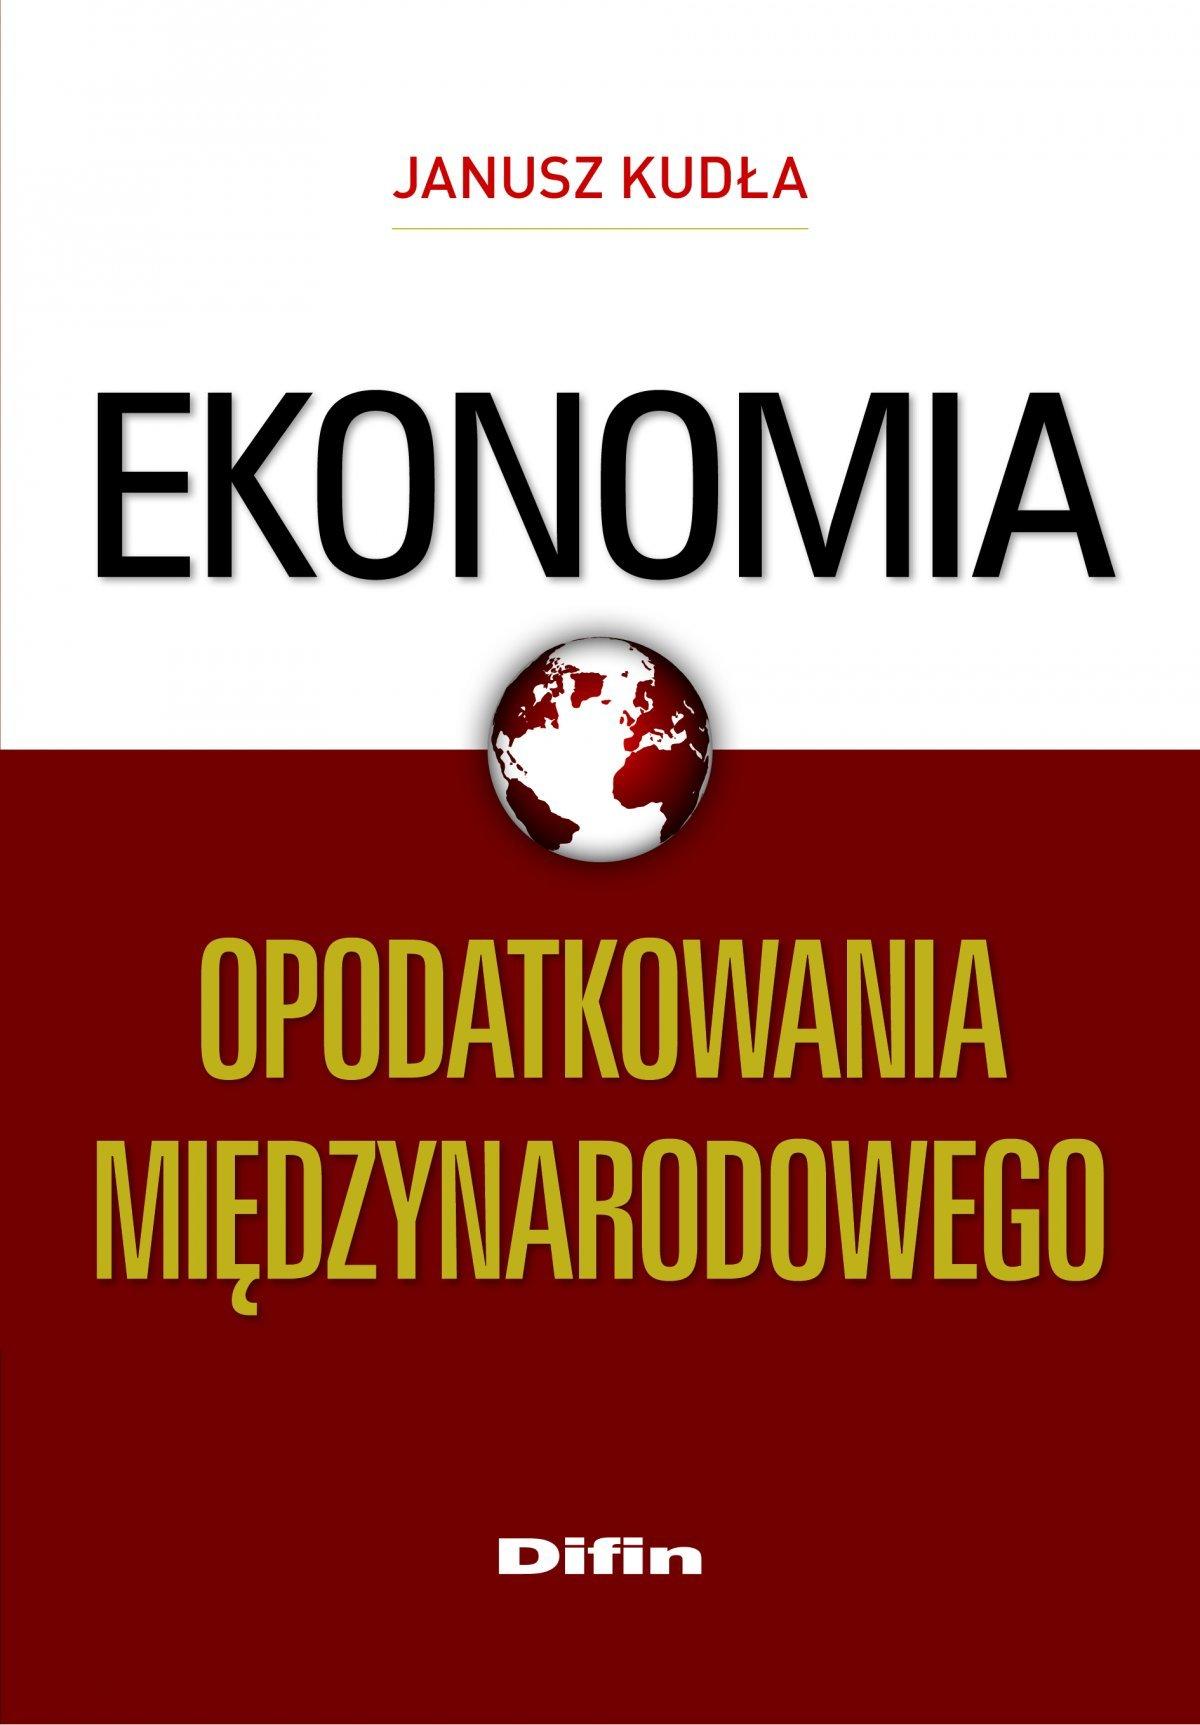 Ekonomia opodatkowania międzynarodowego - Ebook (Książka na Kindle) do pobrania w formacie MOBI